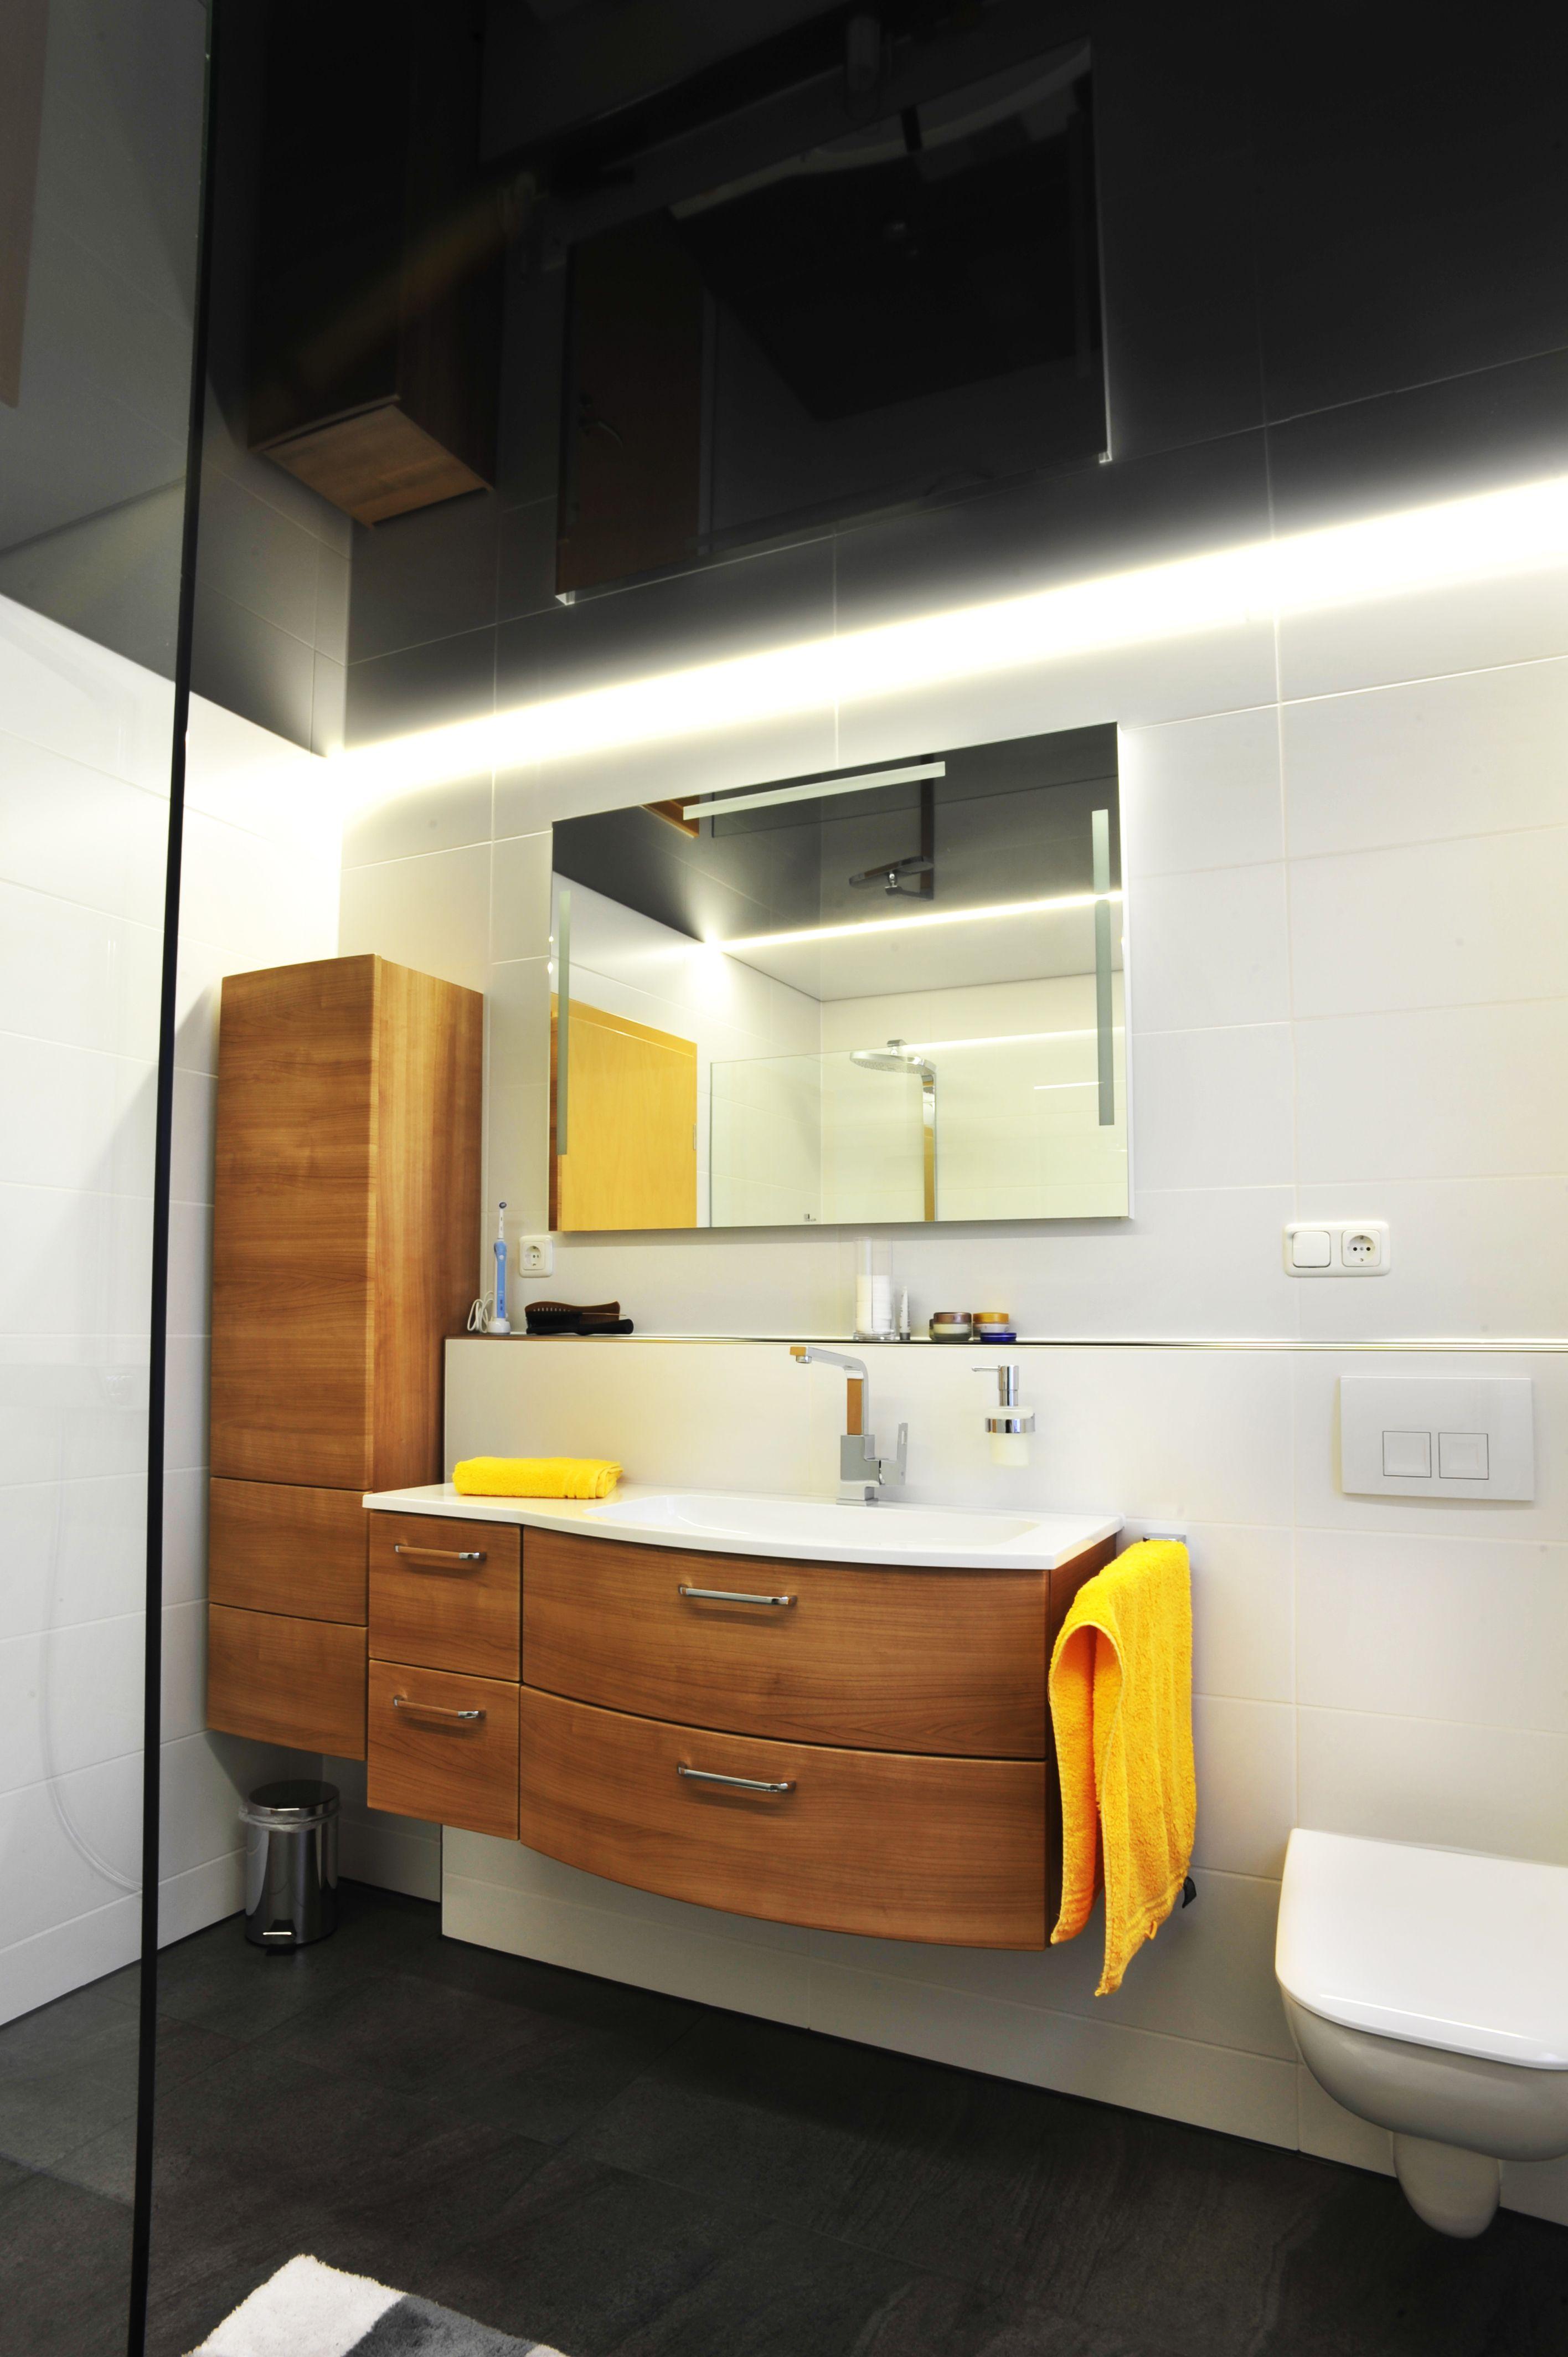 Warum Eine Spanndecke Im Bad Keine Tropfchenbildung Passt Sich Jeder Luftfeuchtigkeit Perfekt An Schnelle Und Saubere Mont Spanndecken Bad Badezimmer